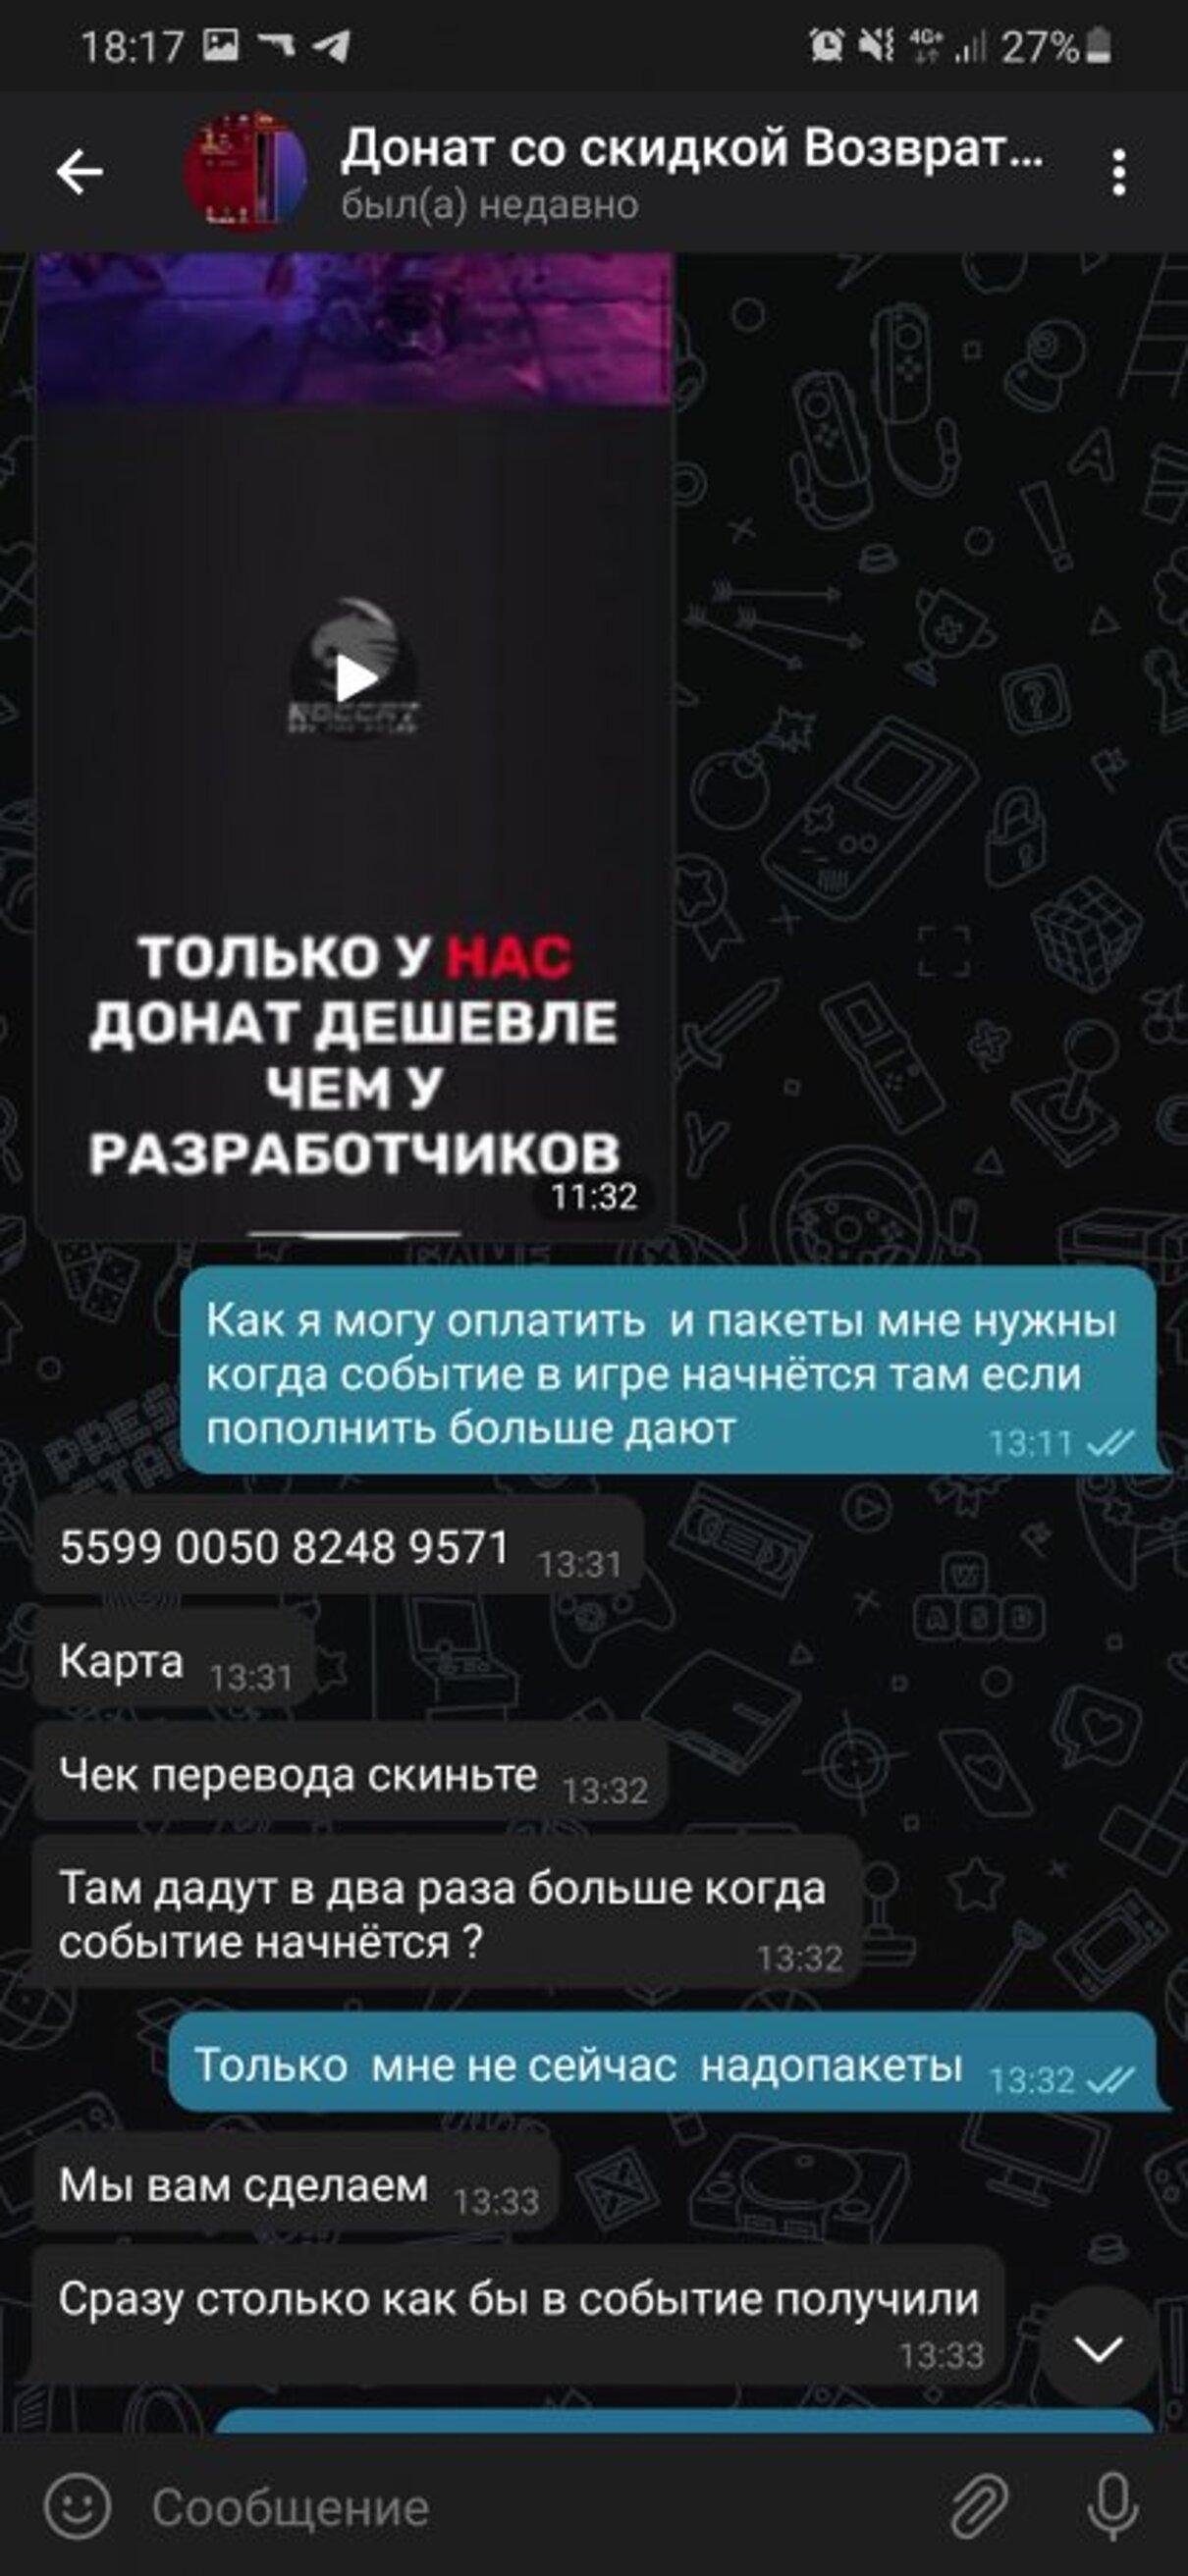 Жалоба-отзыв: Donat-games.ru - Мошенники и кидалы.  Фото №1